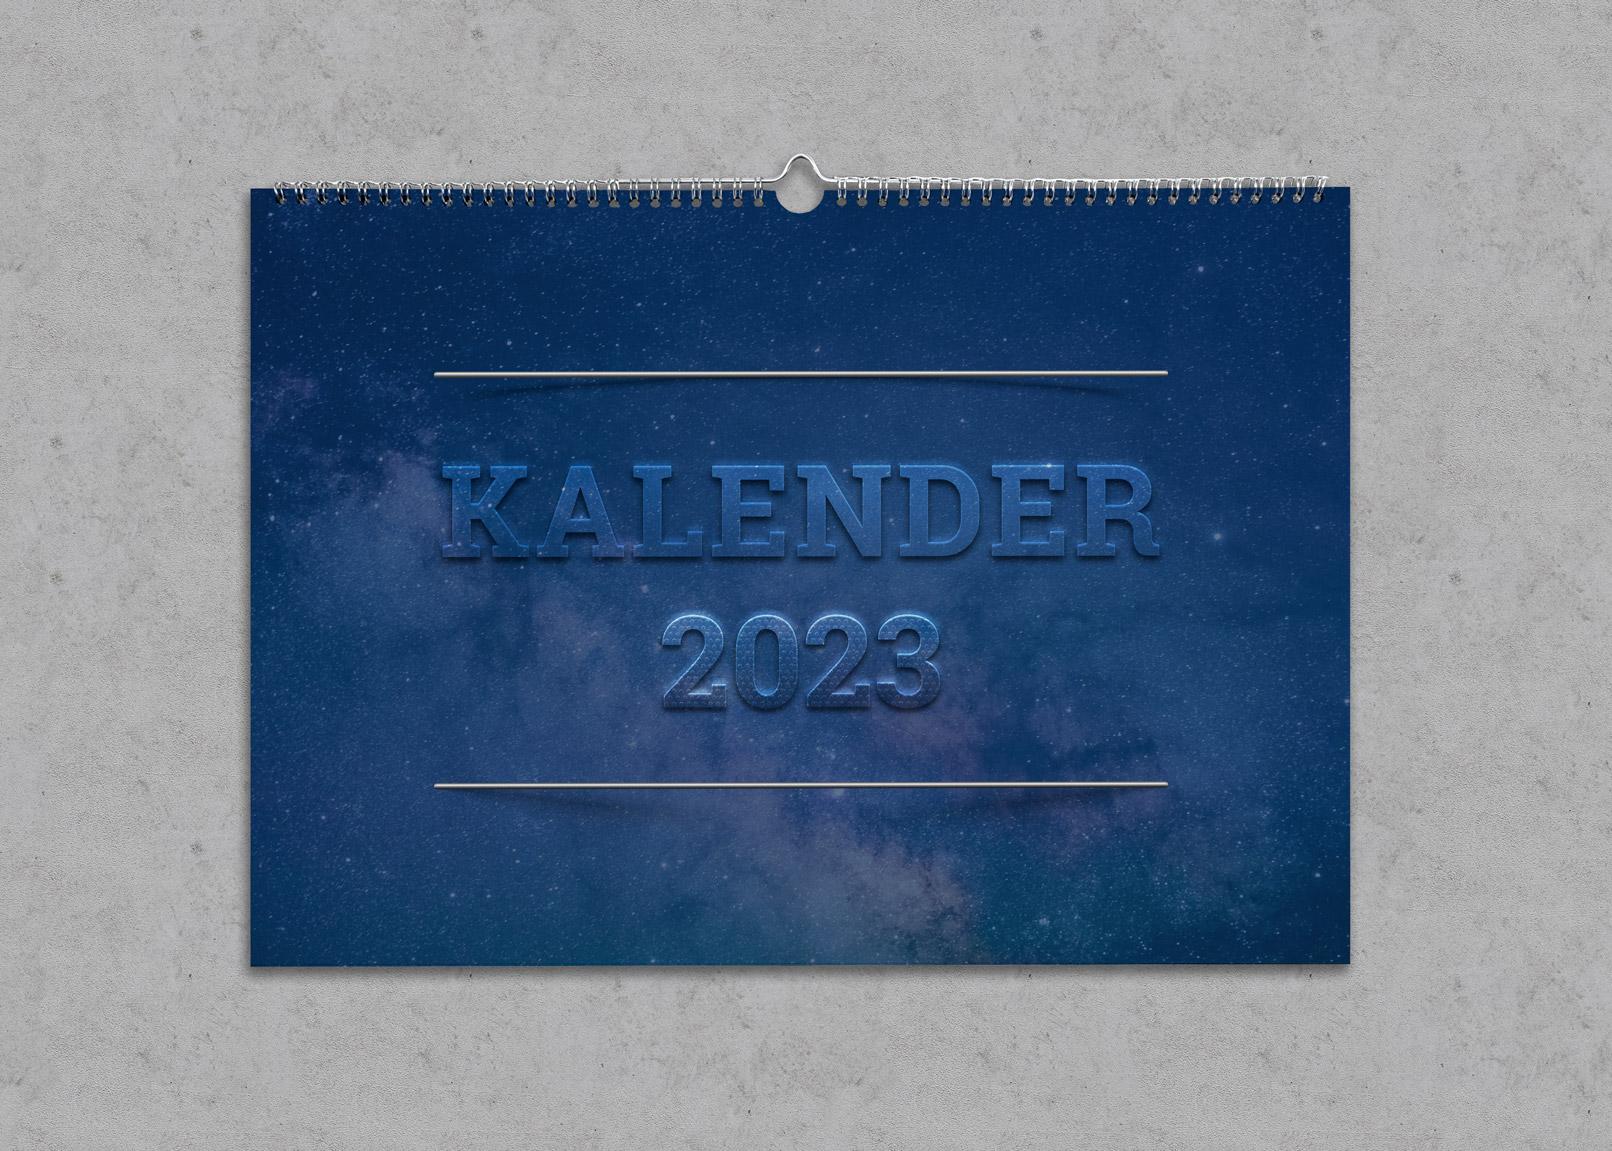 Kalender-Design mit Text mit Transparenz- und Relief-Effekt